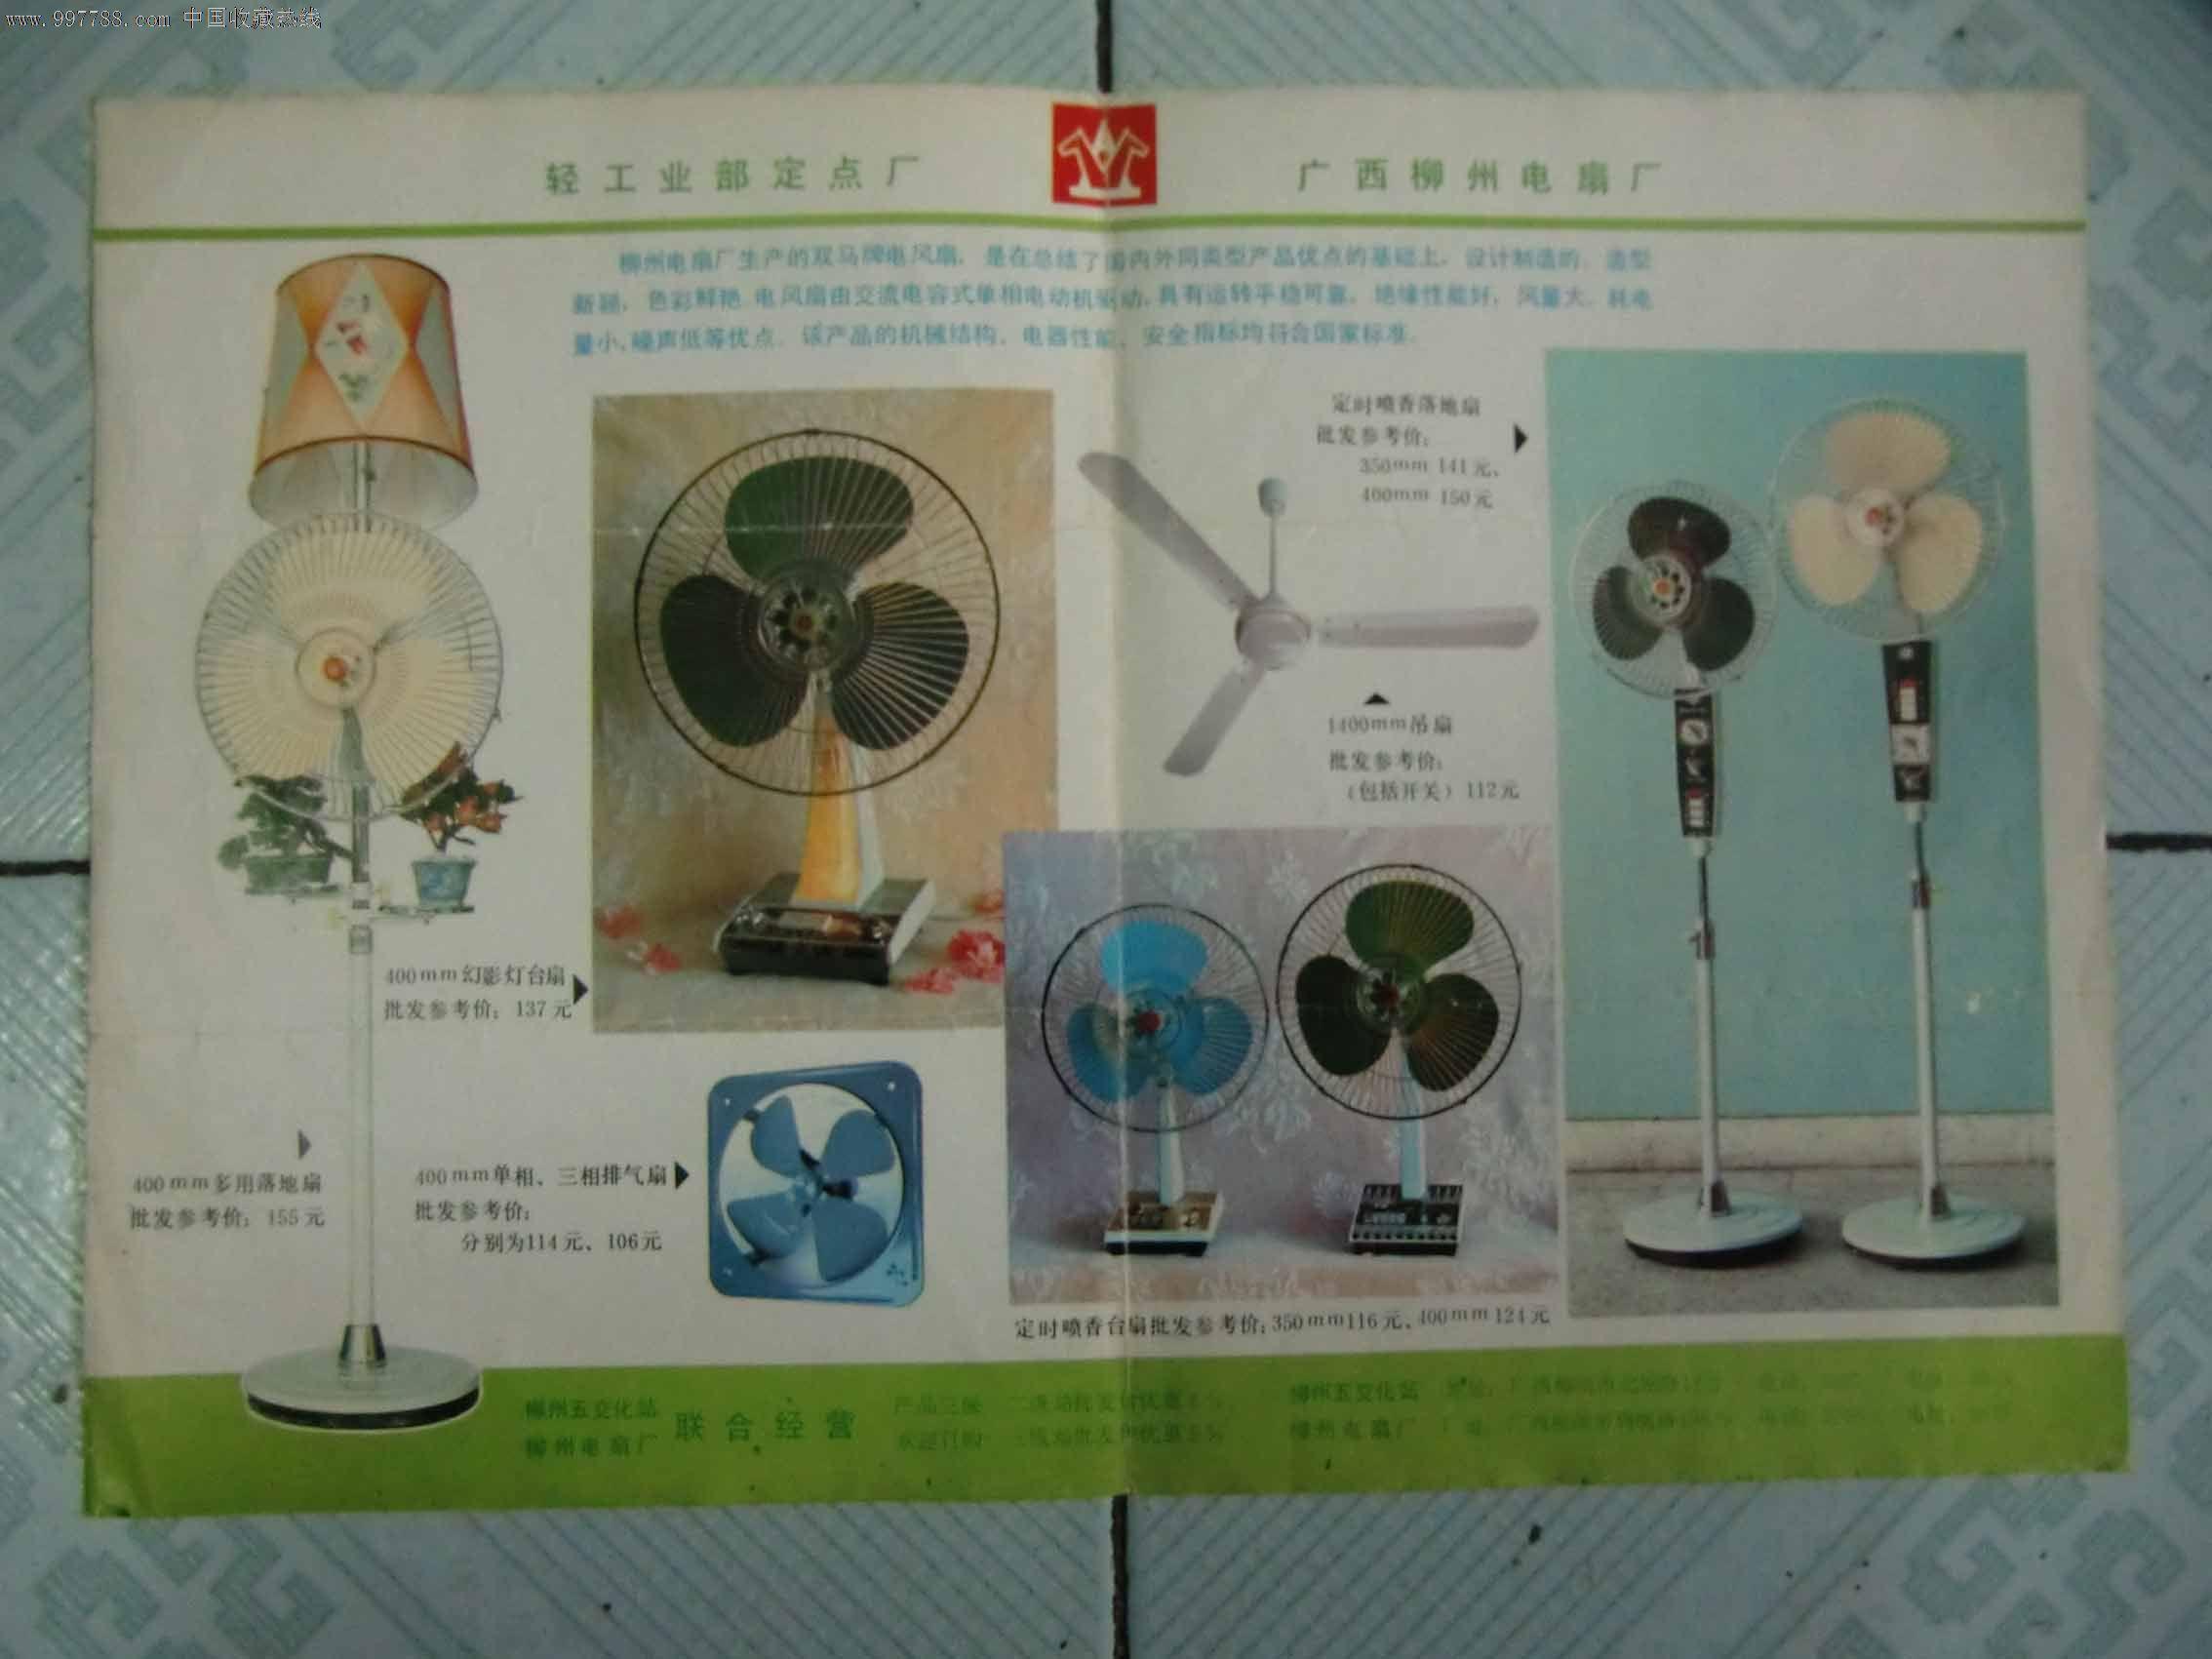 柳州电扇厂双马牌电风扇